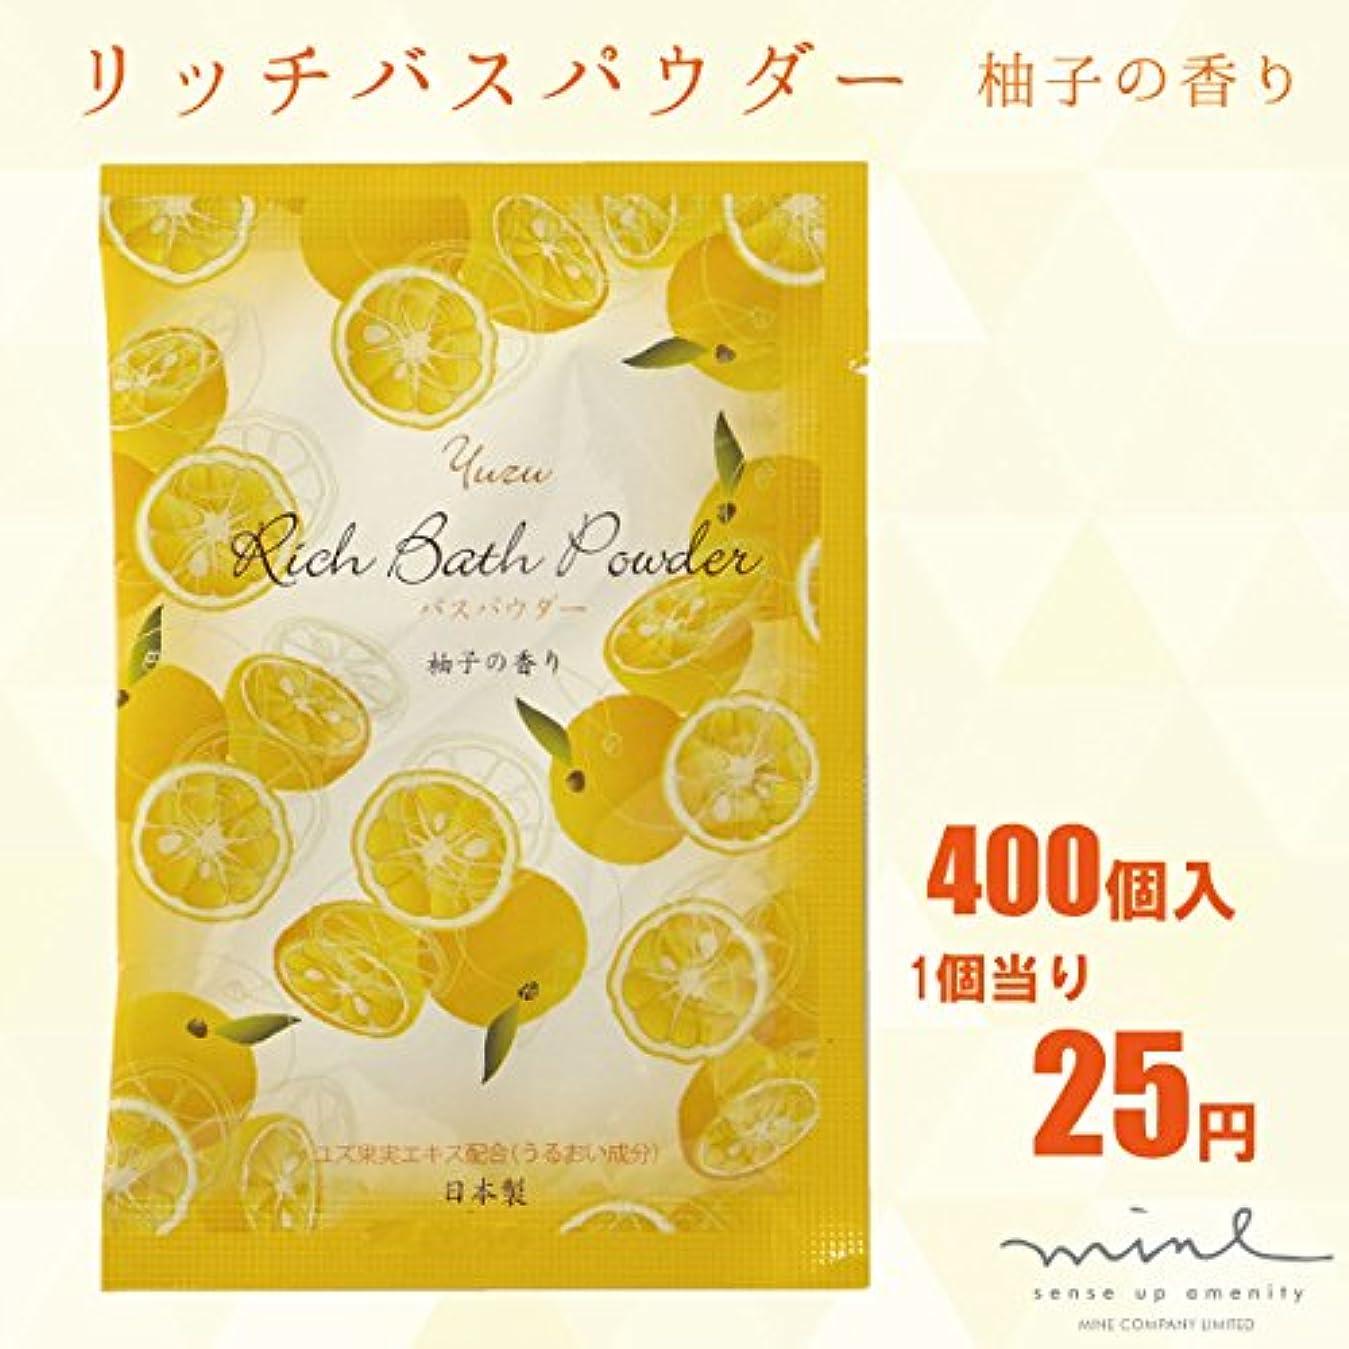 ぶら下がる経験的上にリッチバスパウダー20g 柚子の香り × 400個